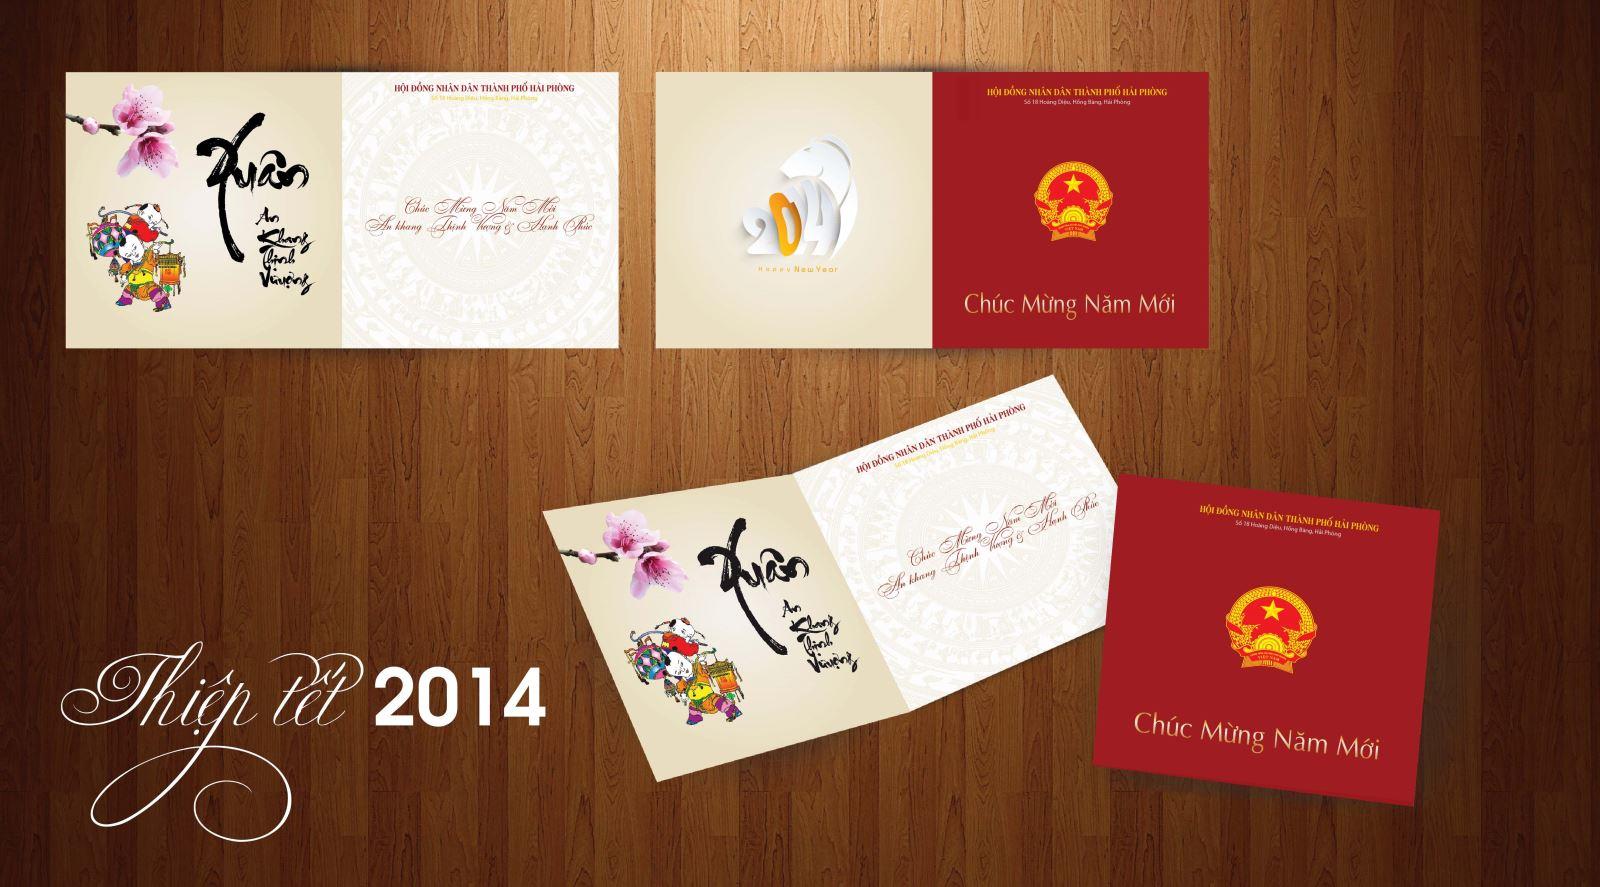 Nơi in thiệp chúc mừng giá rẻ nhất tại Hà Nội